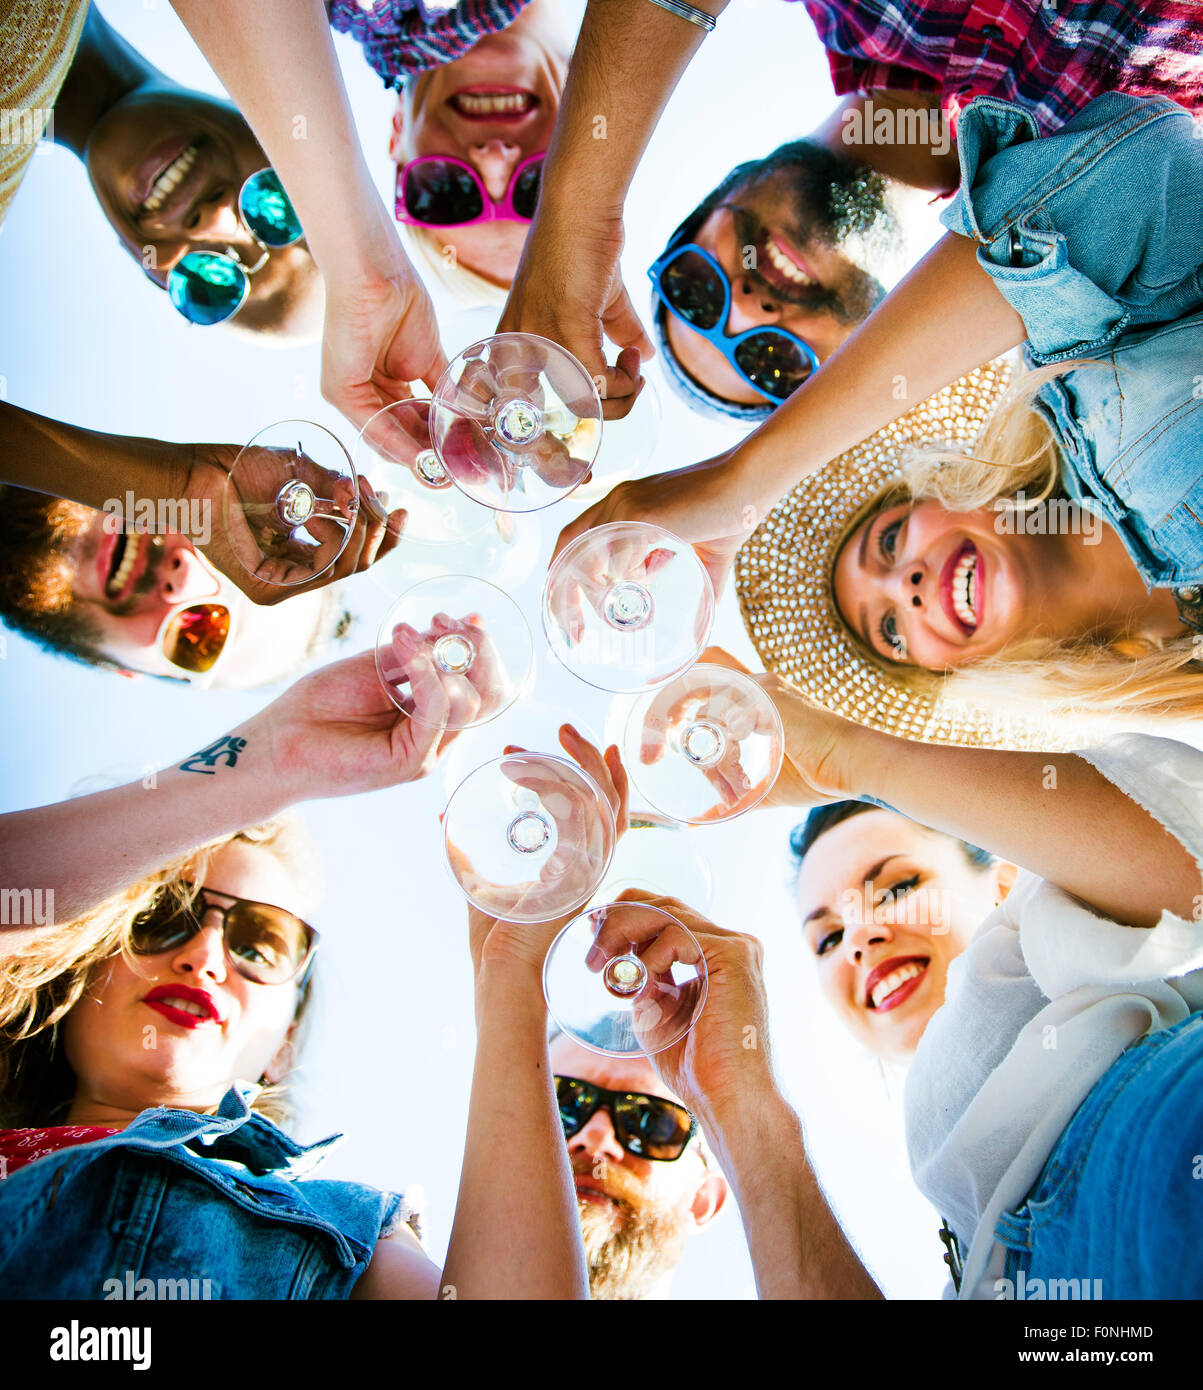 Cheers Plage d'amitié Célébration Concept Photo Stock